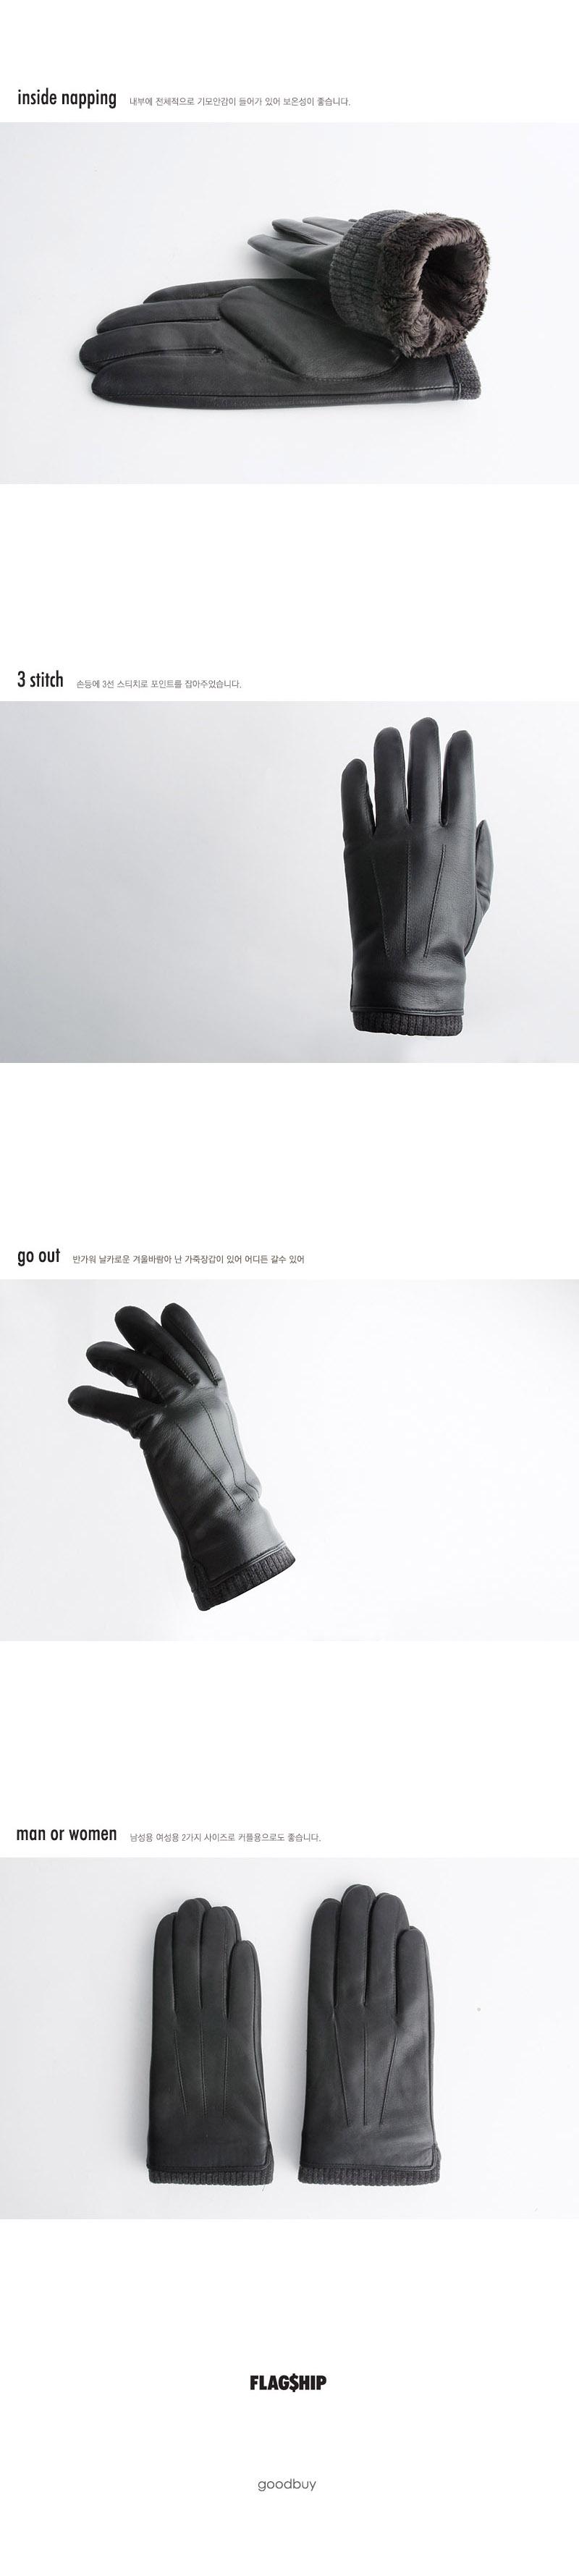 [플래그쉽] 시니컬 손목니트 양가죽 장갑 MAN (FLAGSHIP cynical sheepskin glove)